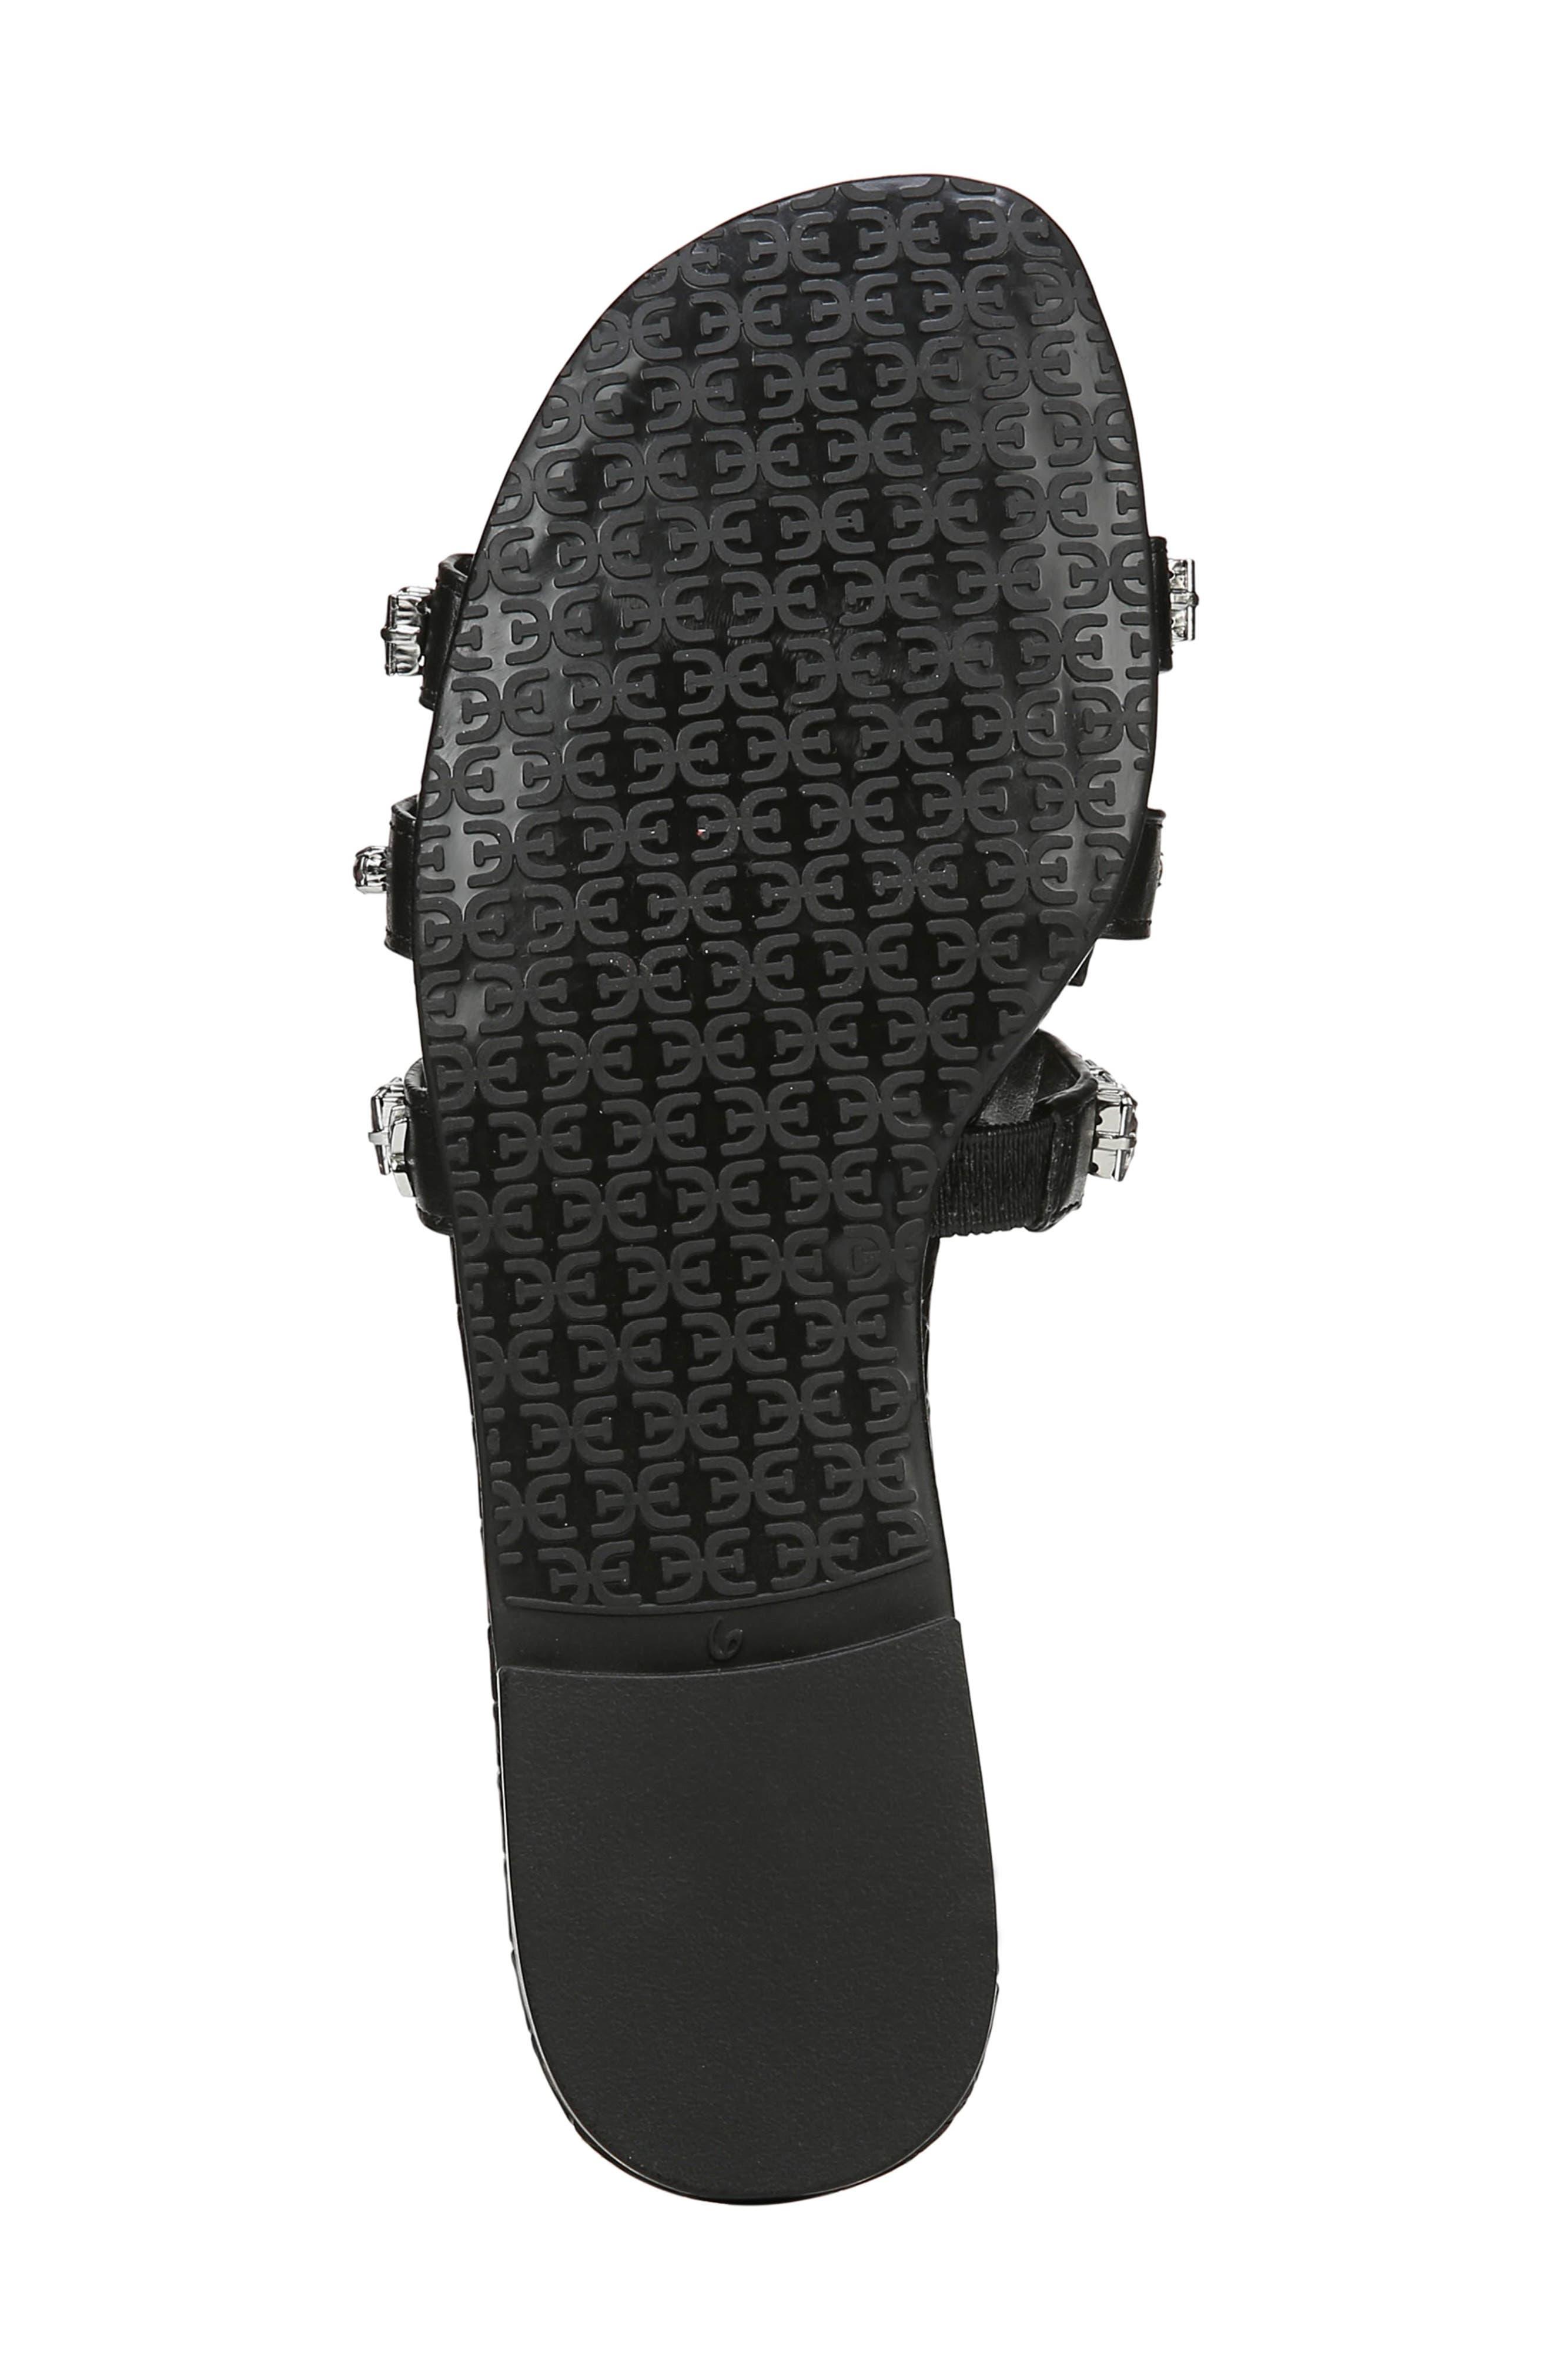 SAM EDELMAN, Bay 2 Embellished Slide Sandal, Alternate thumbnail 6, color, BLACK NAPPA LEATHER